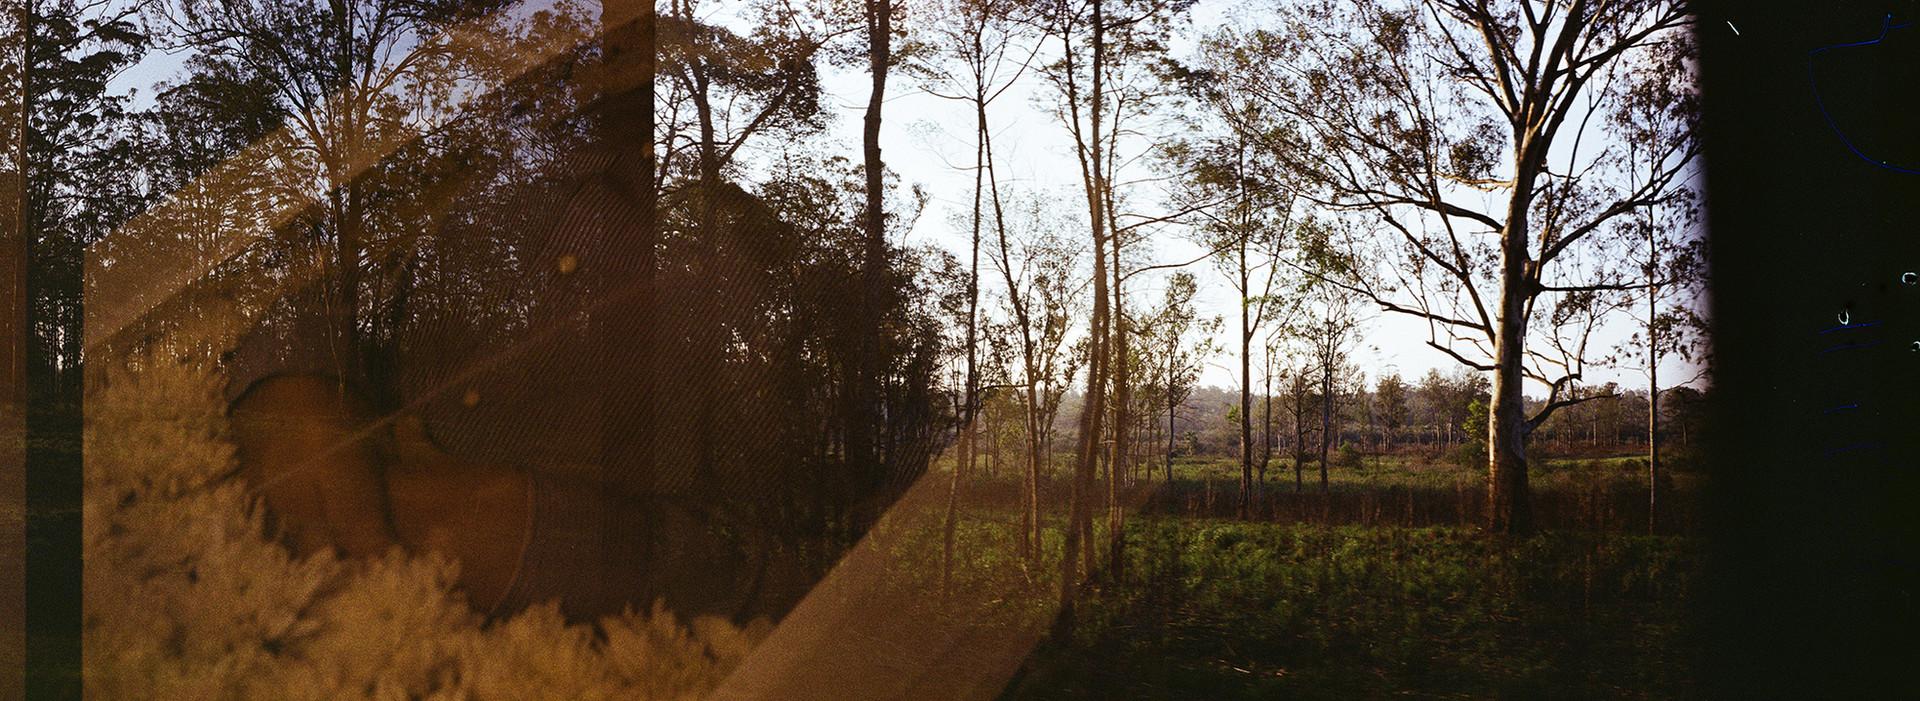 panorama-fotografia-de-Cayo-Vieira-011.j